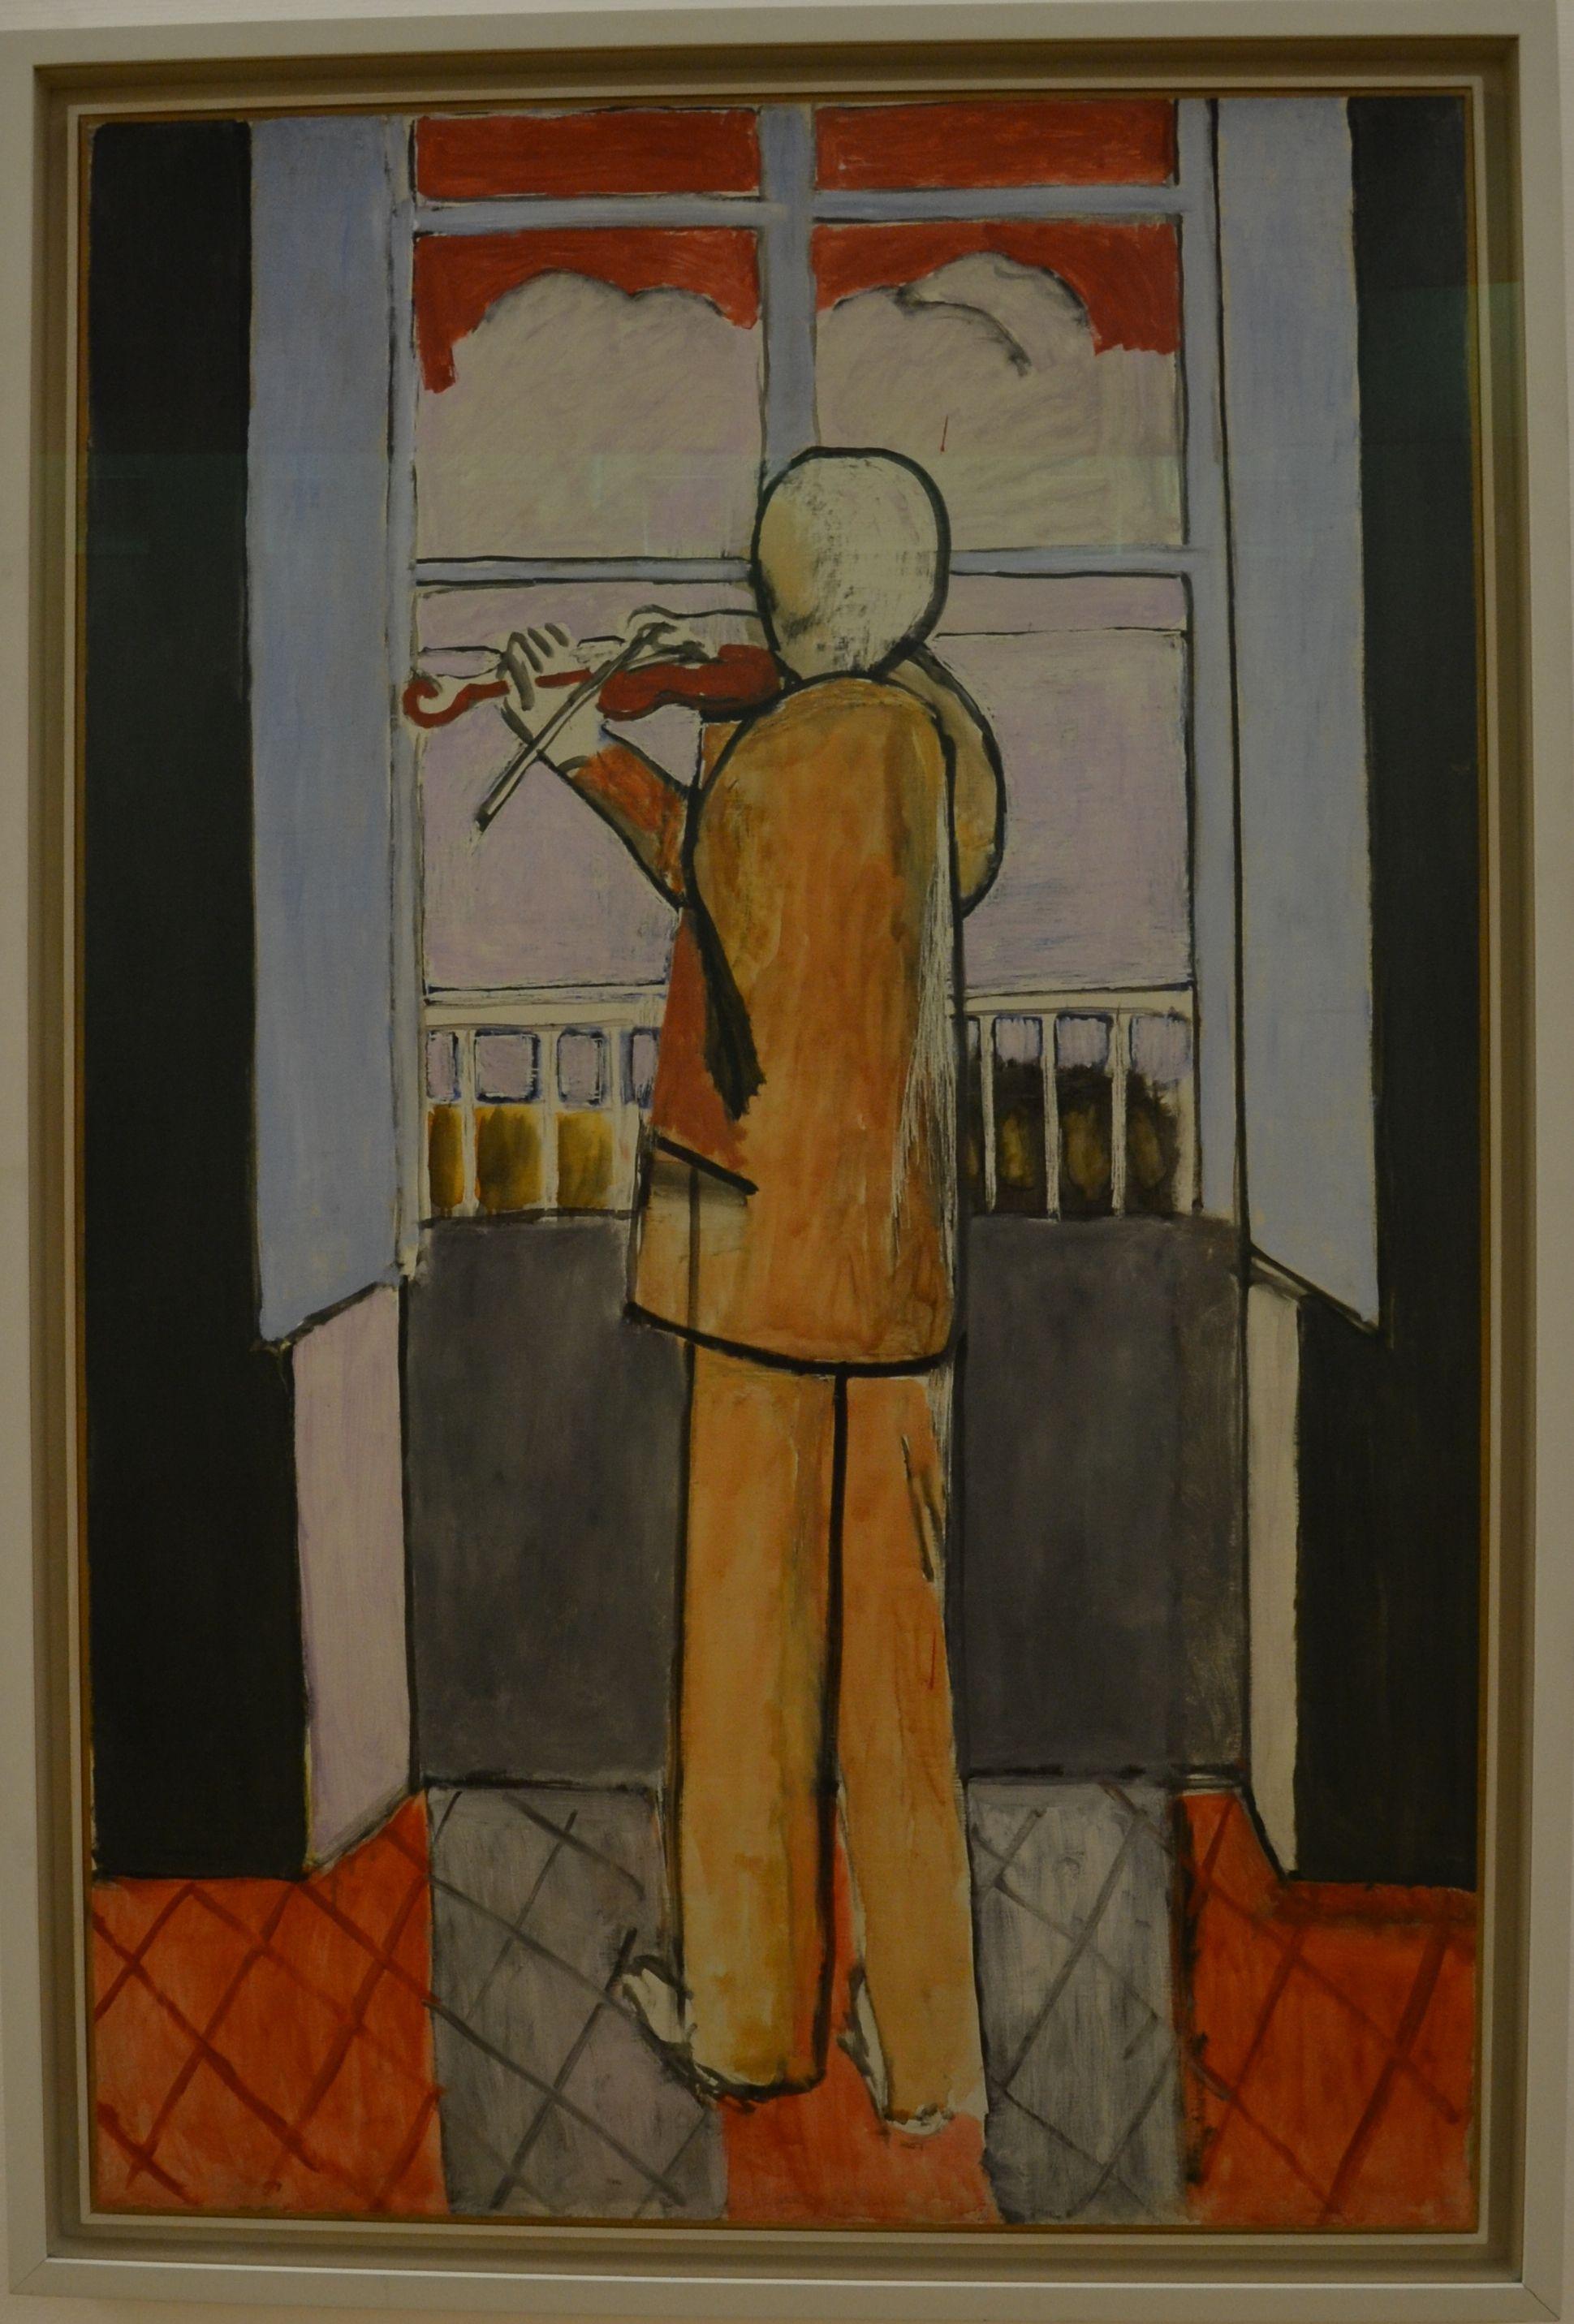 Matisse le violoniste la fen tre 1918 centre pompidou for Le violoniste a la fenetre henri matisse